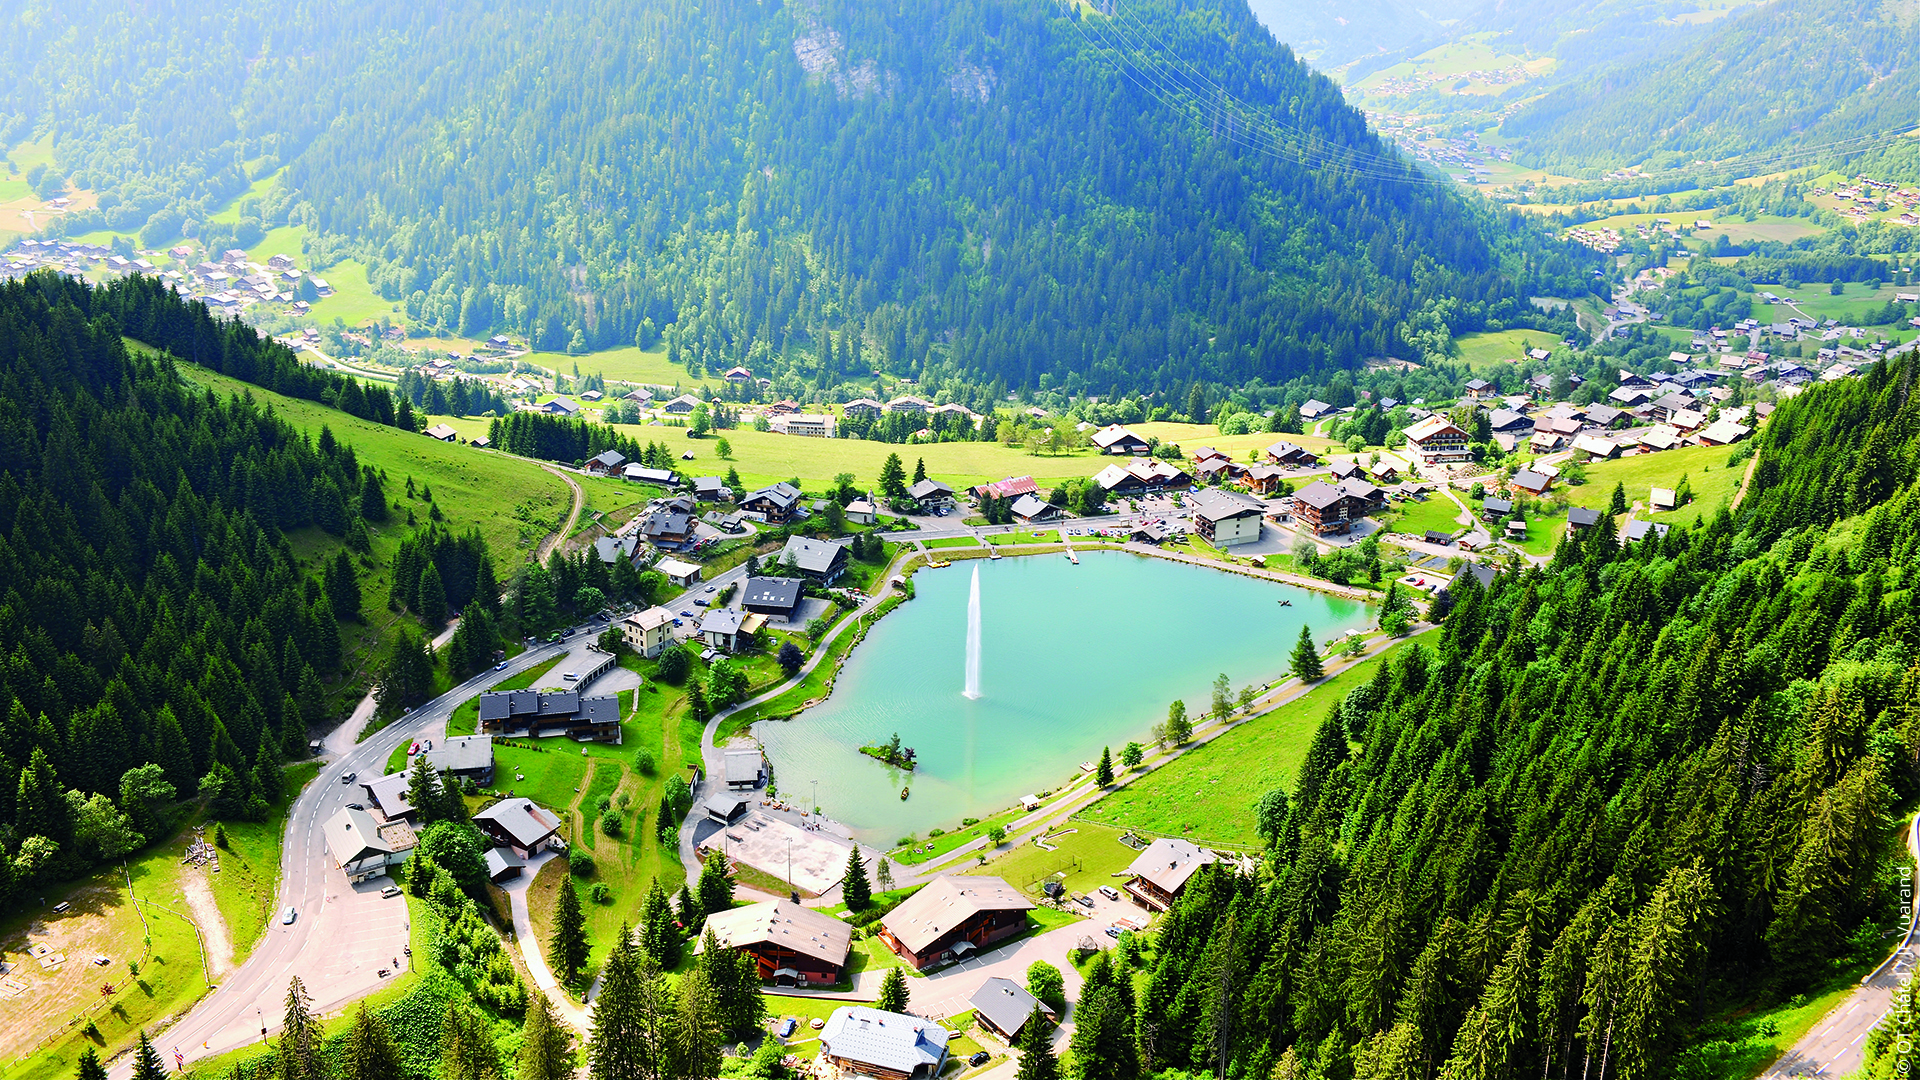 Cgh r sidences location de vacances d 39 t ch tel appartement cgh r sidences 4 - Office de tourisme chatel 74 ...